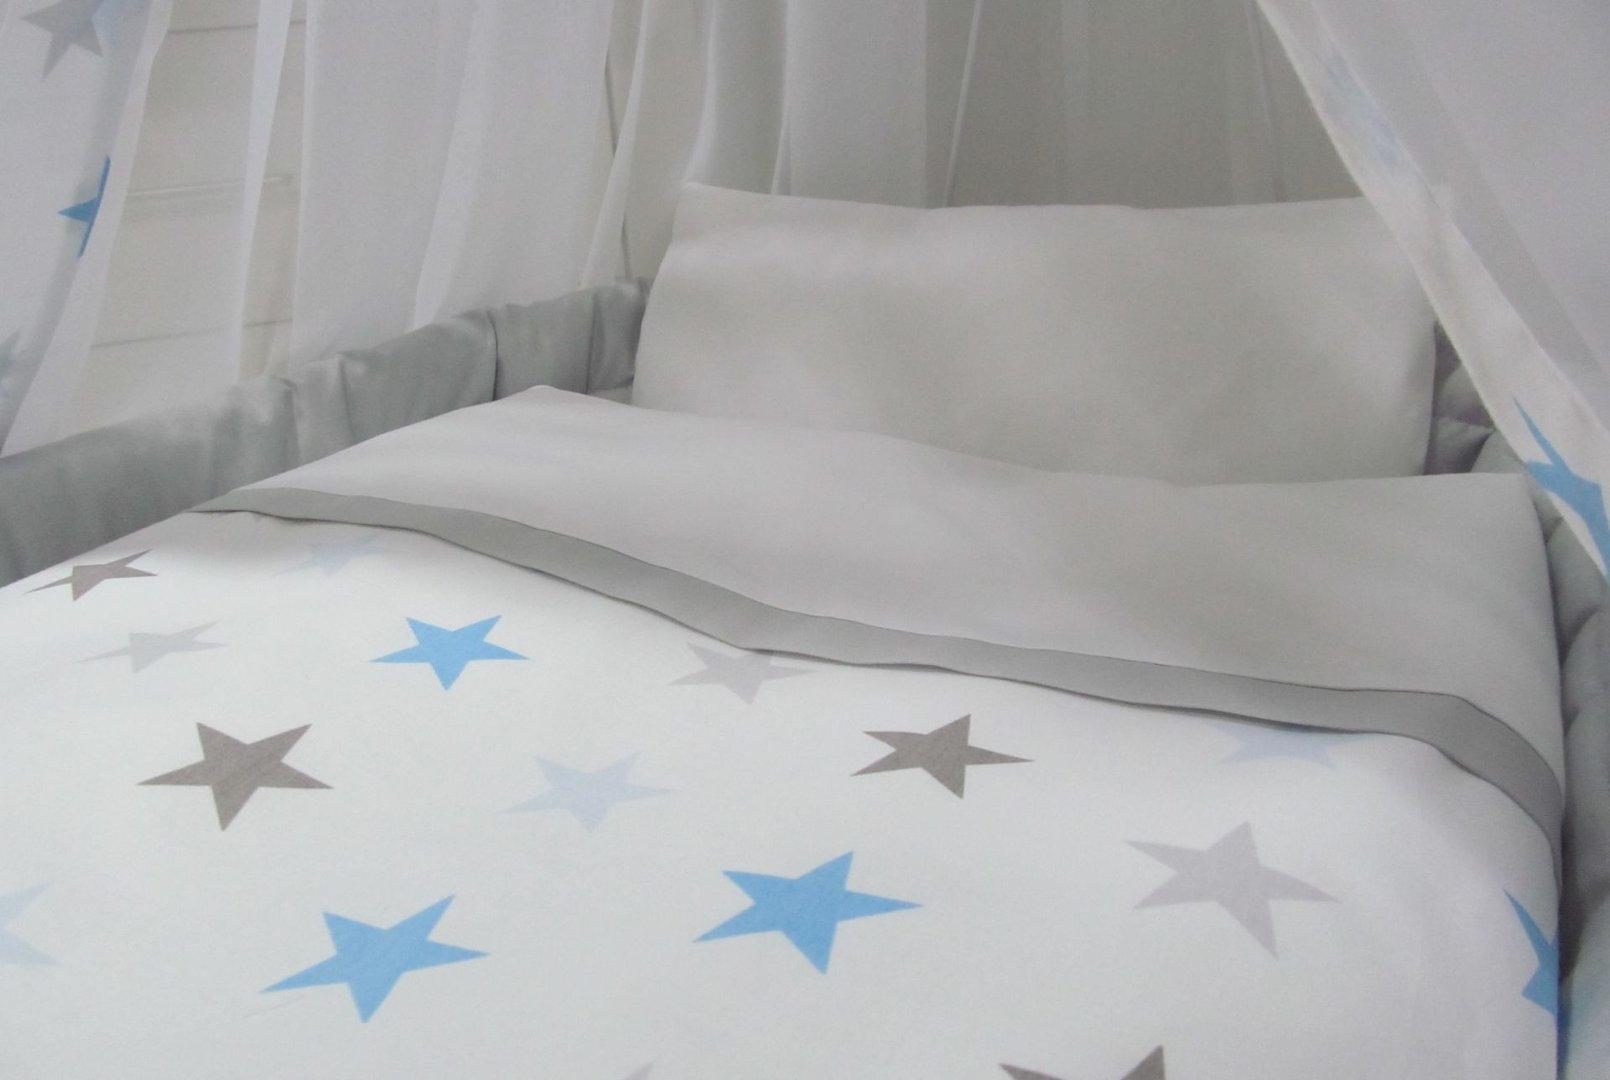 Spannbetttuch für matratze baby kinder wiege günstig